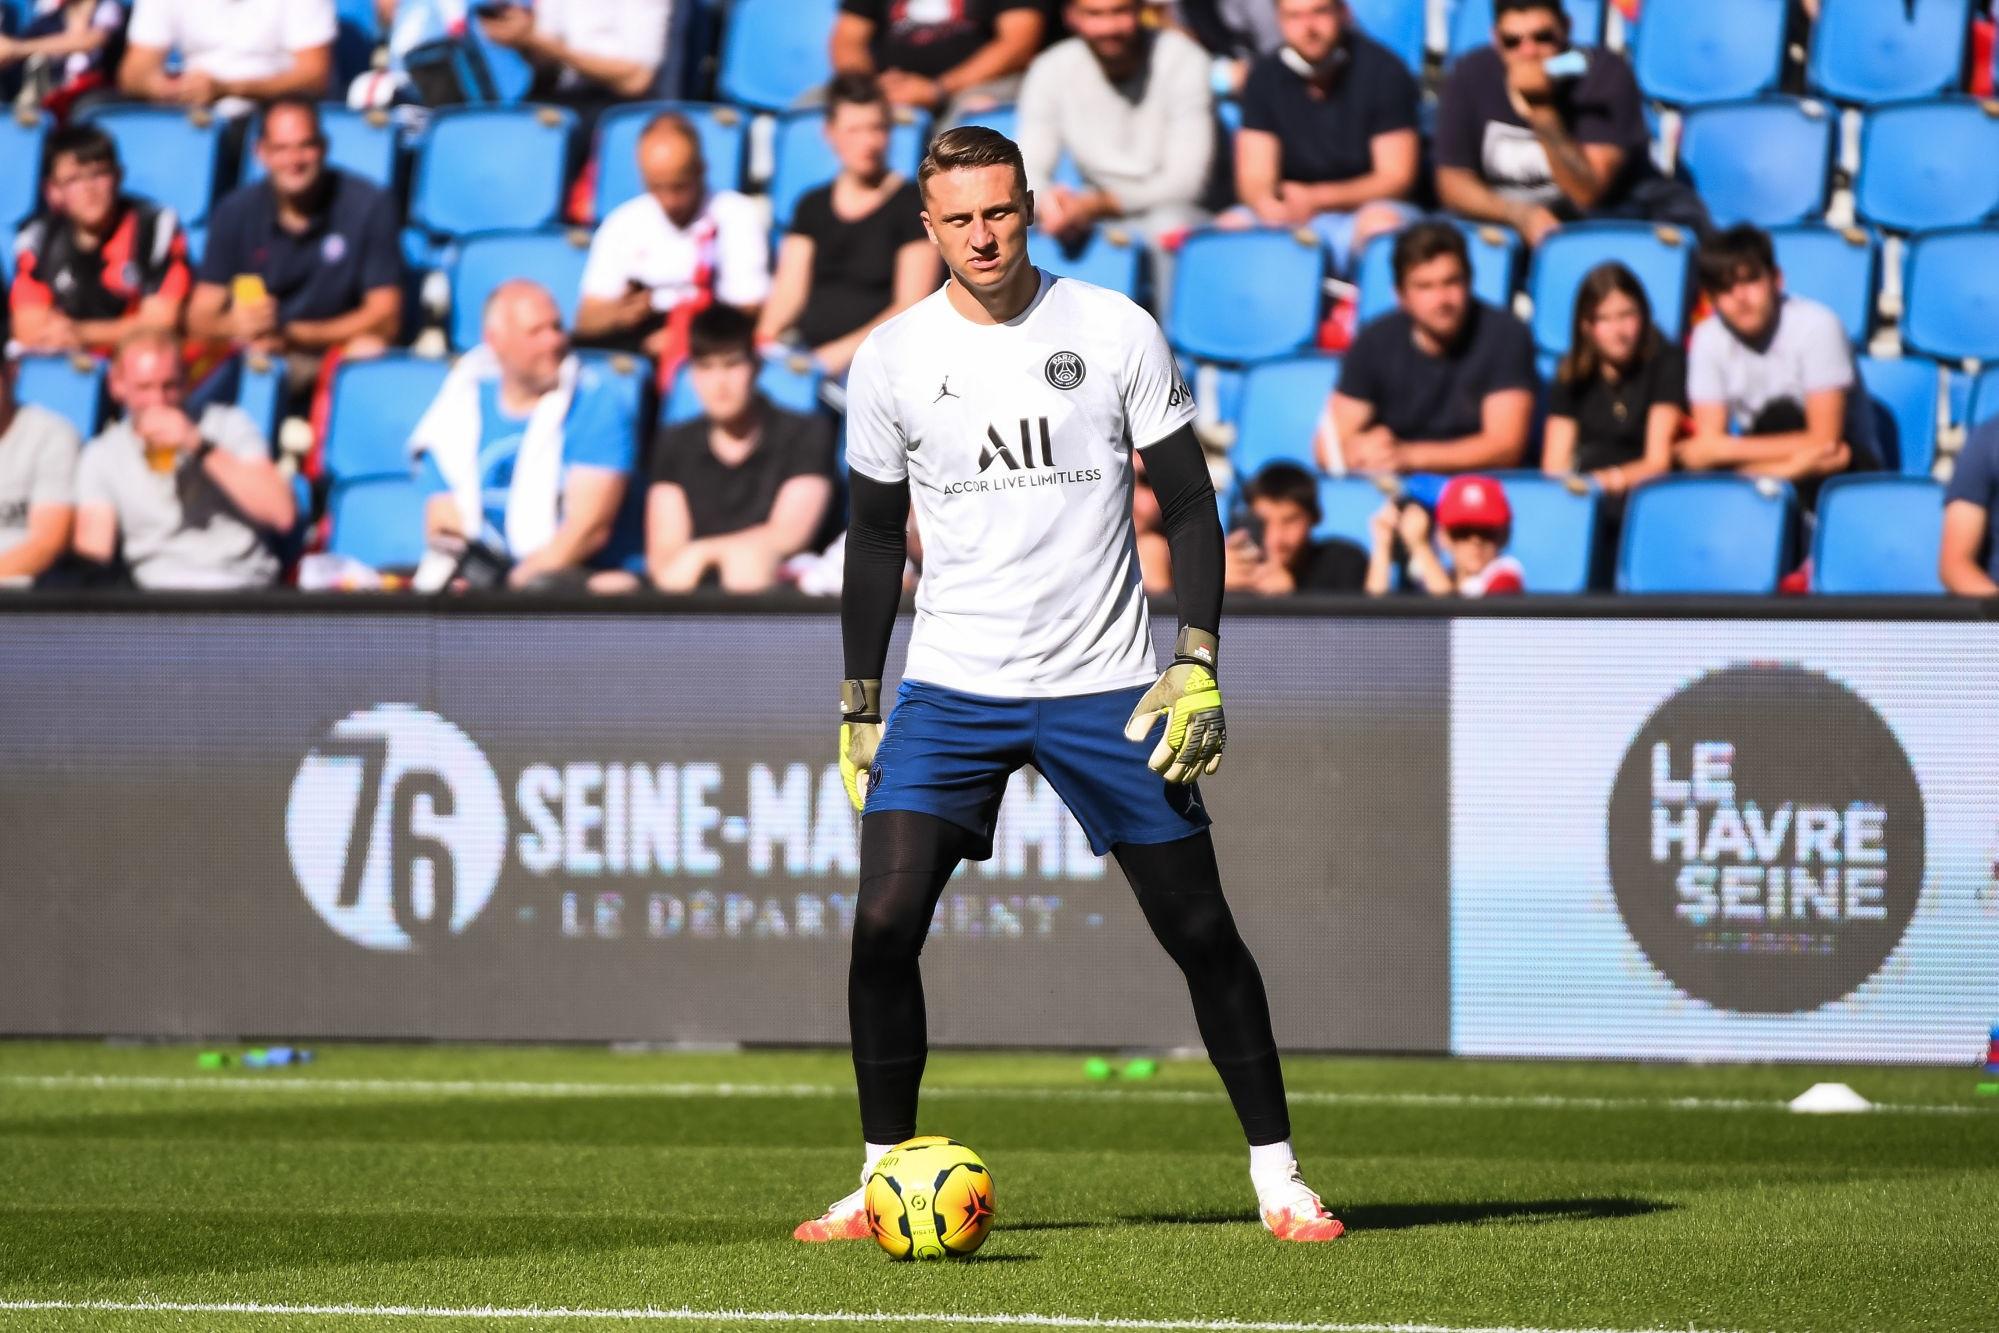 Mercato - Bulka va revenir du prêt à Cartagena et pourrait aller en Ligue 2, selon RMC Sport